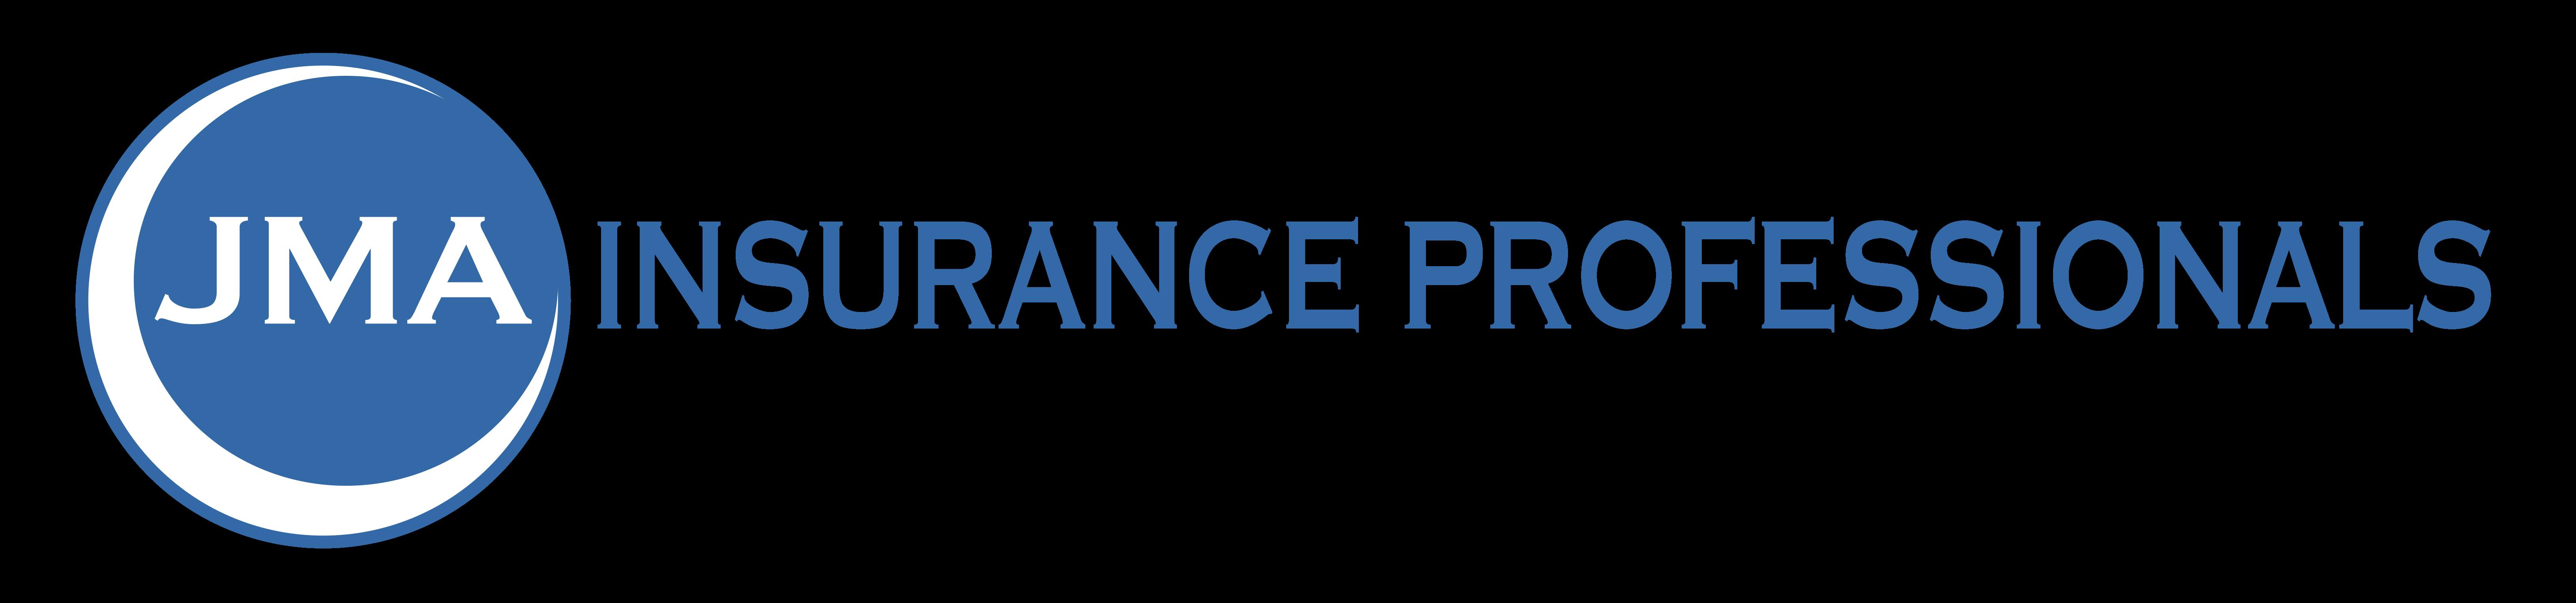 JMA Insurance Professionals